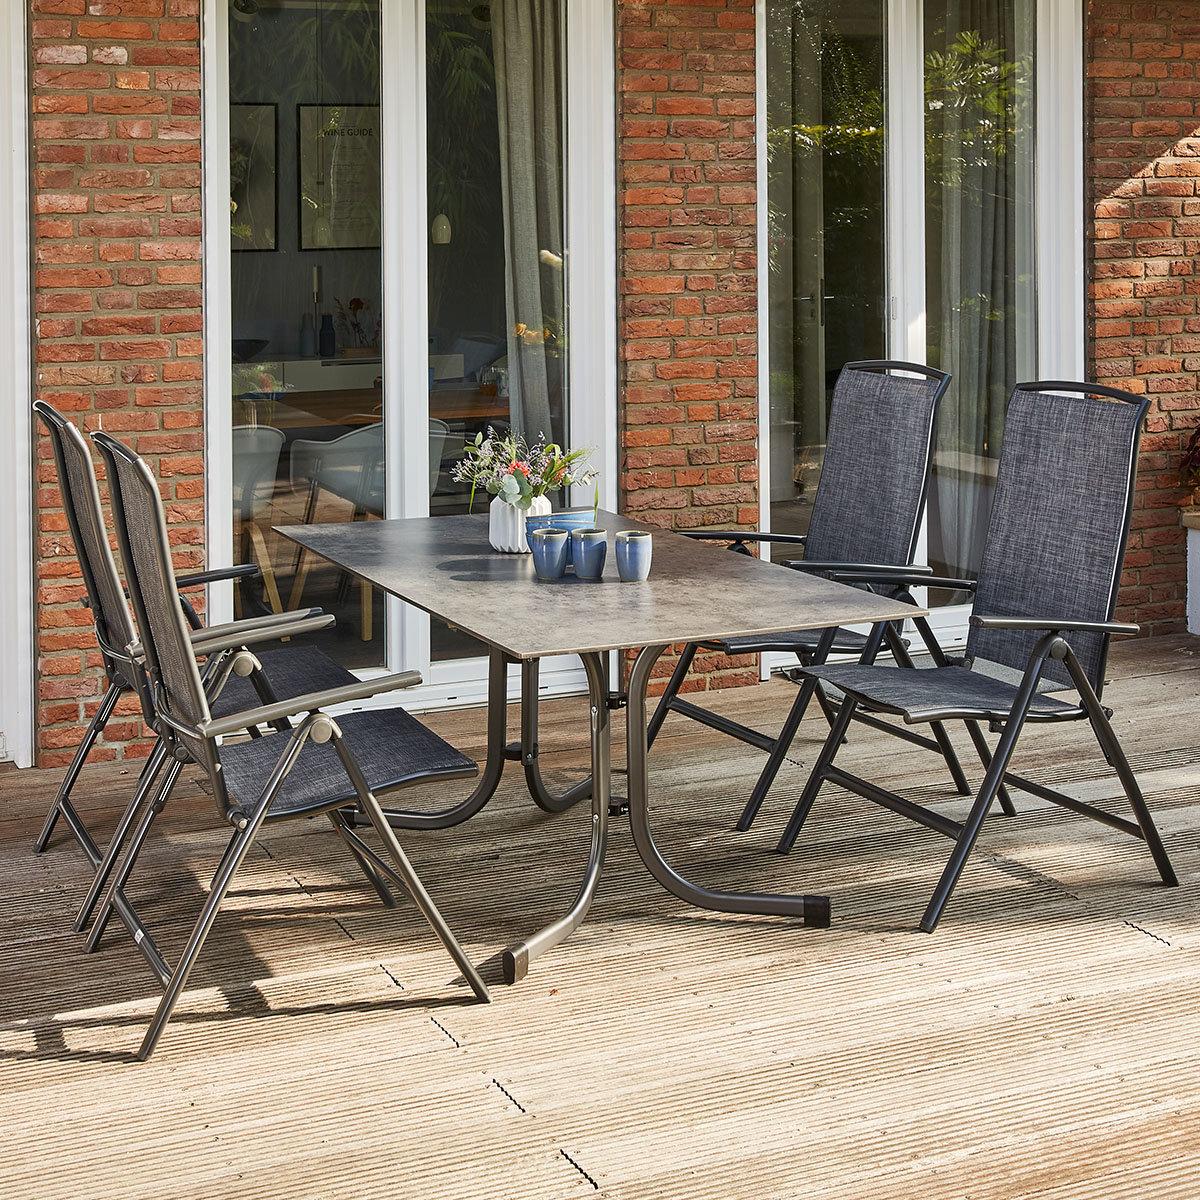 Gartenmöbel-Set Livorno mit 4 Stühlen und 1 Klapptisch